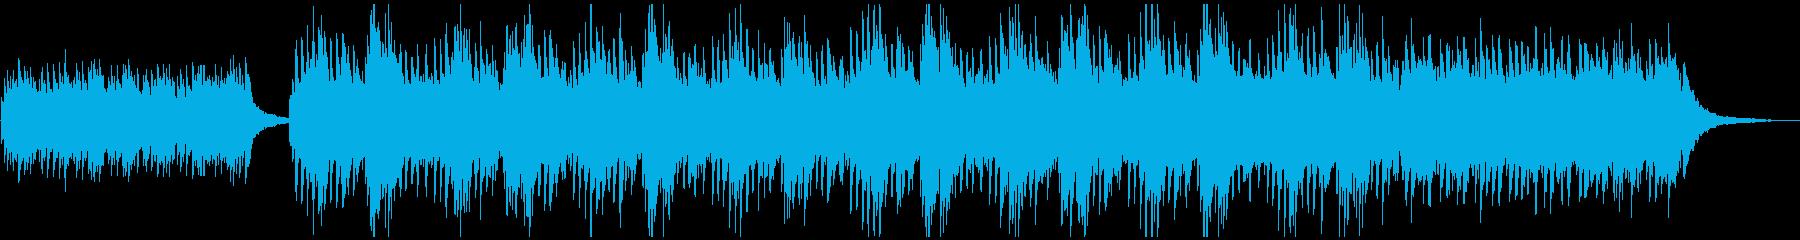 神秘的ピアノのアンビエントの再生済みの波形